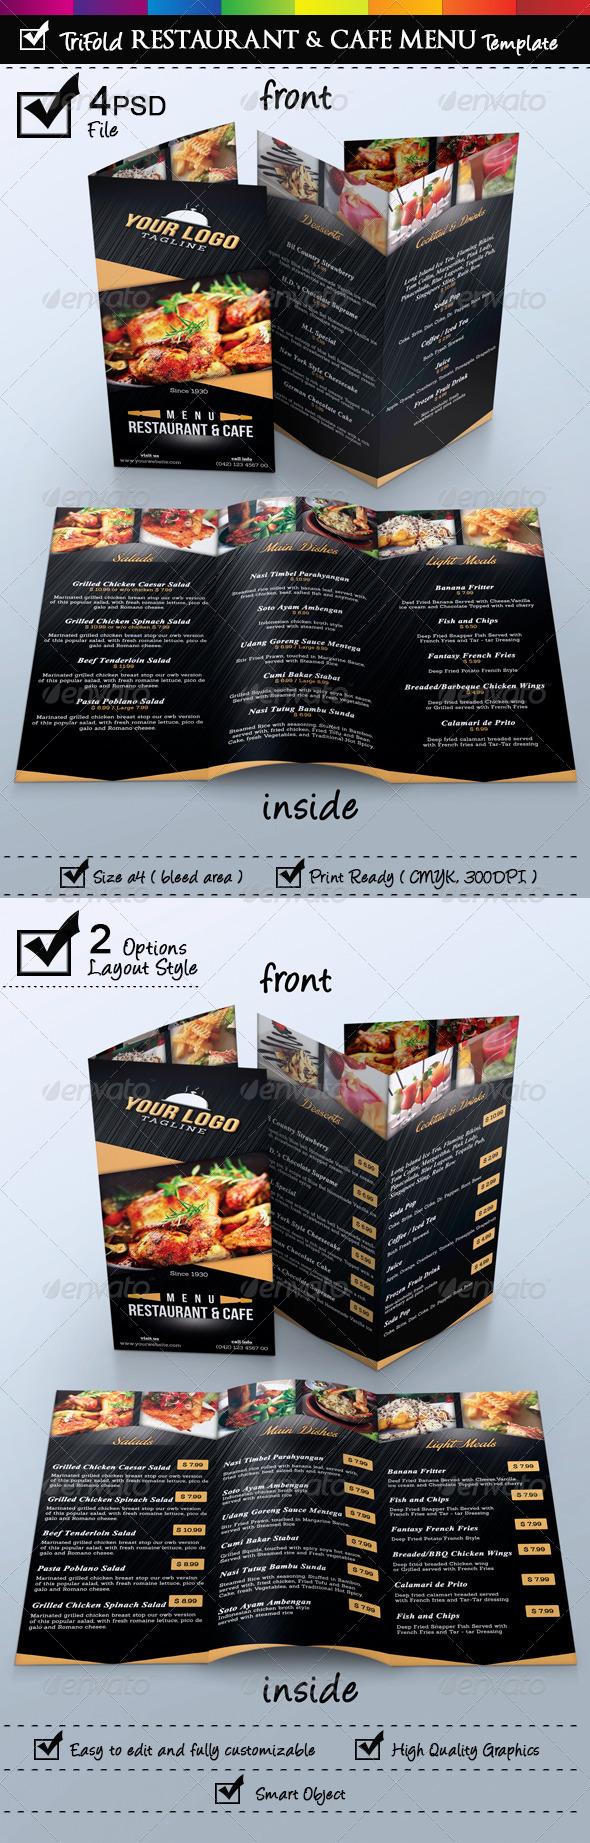 GraphicRiver Trifold Restaurant & Cafe Menu Template 6832892